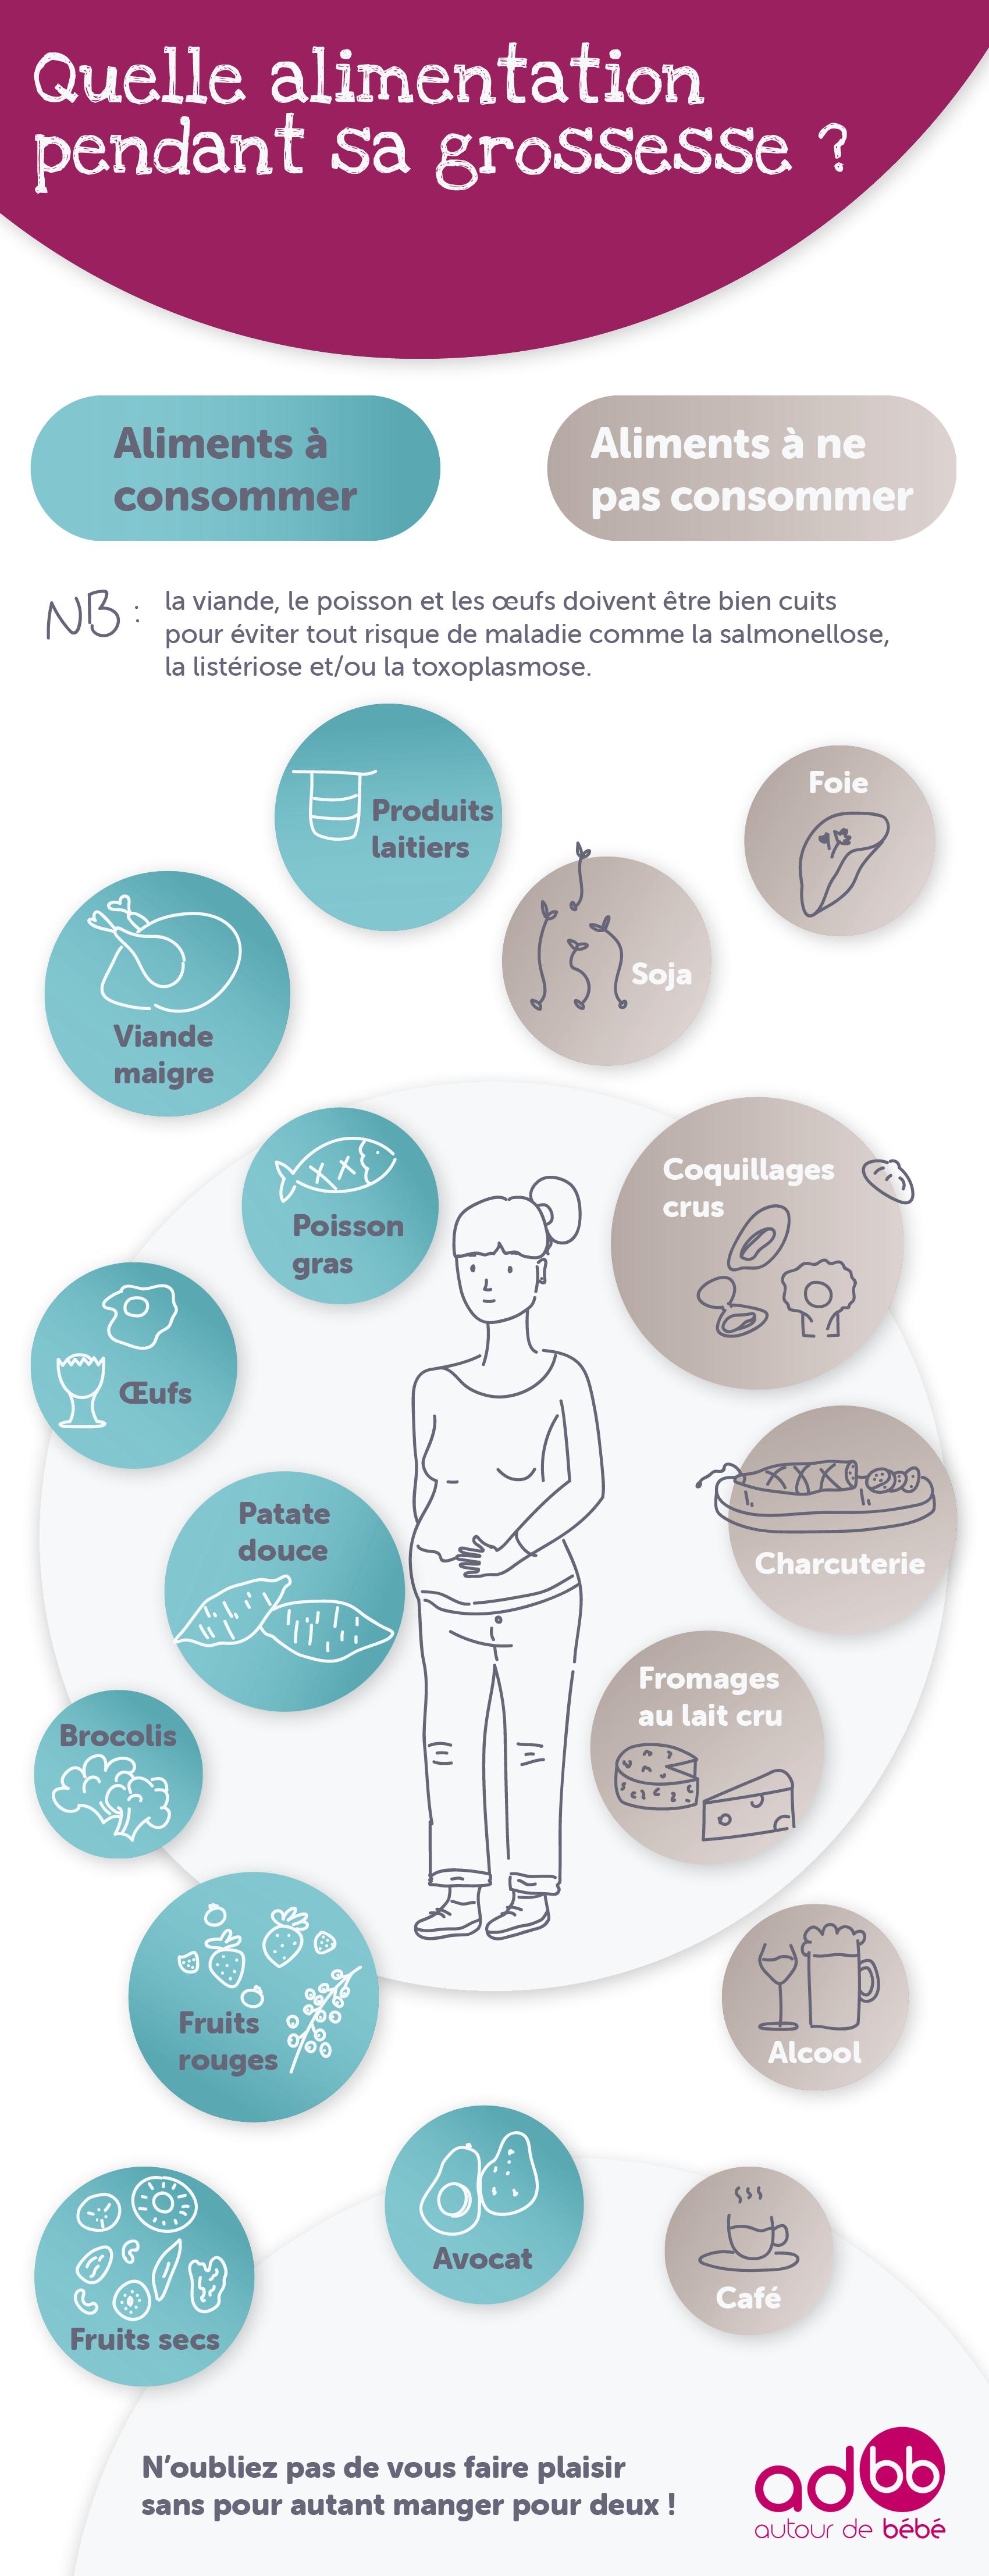 INFO_Alimentation-pendant-sa-grossesse